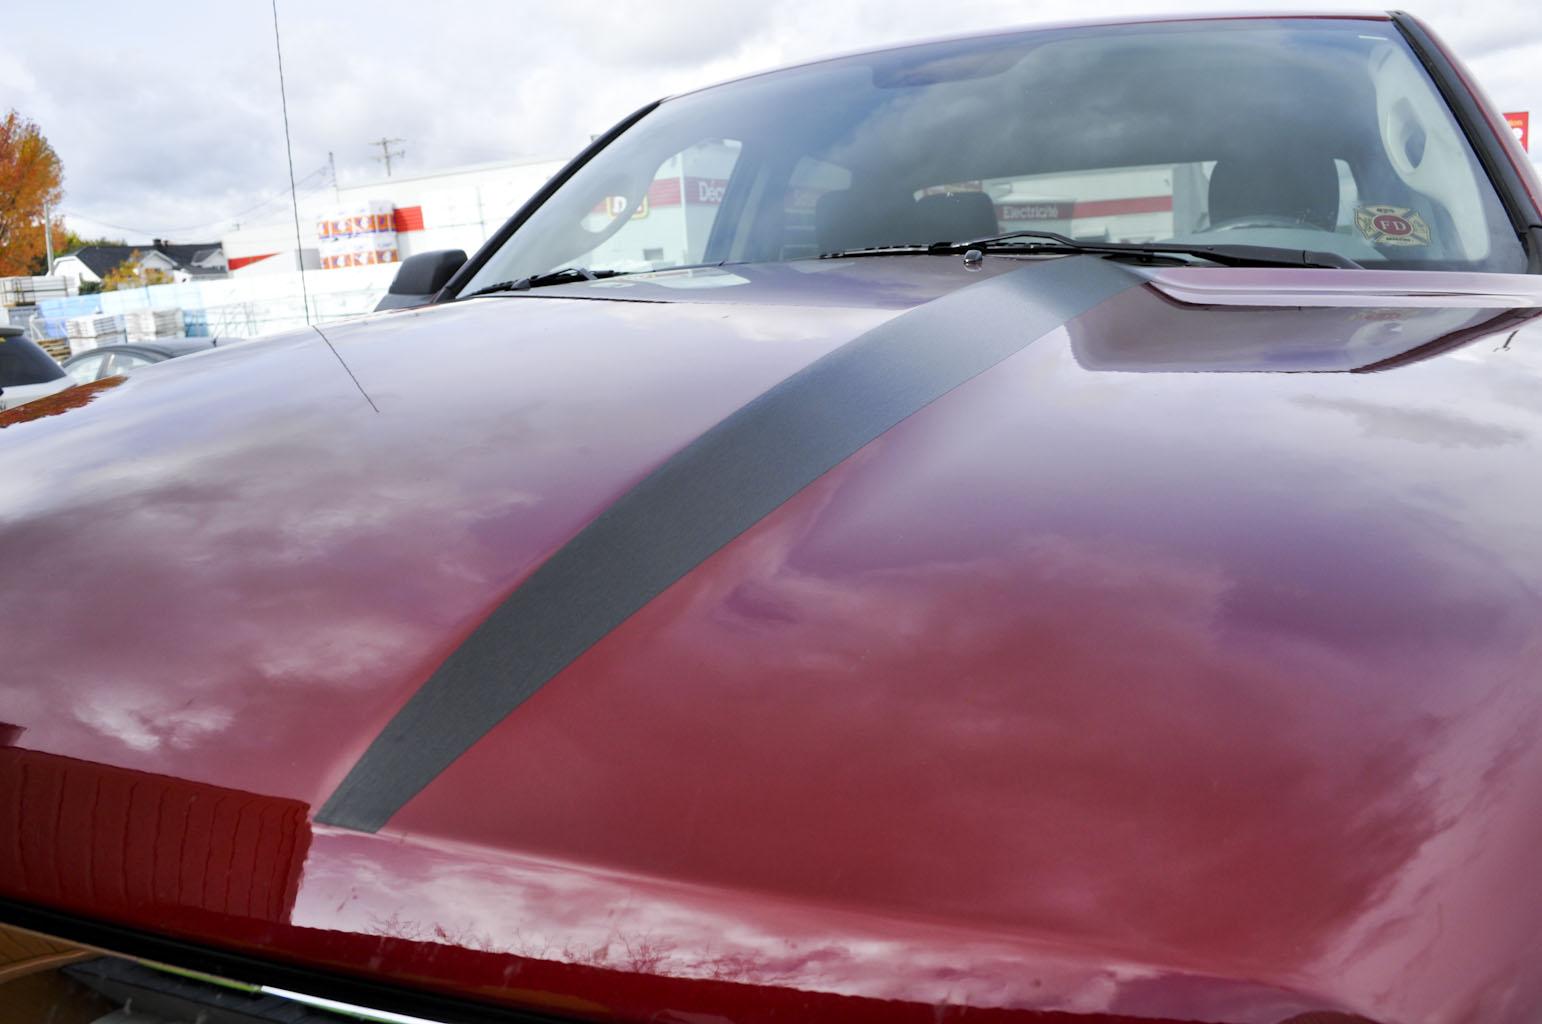 Bas de porte et hood noirs brossés - Ram 1500